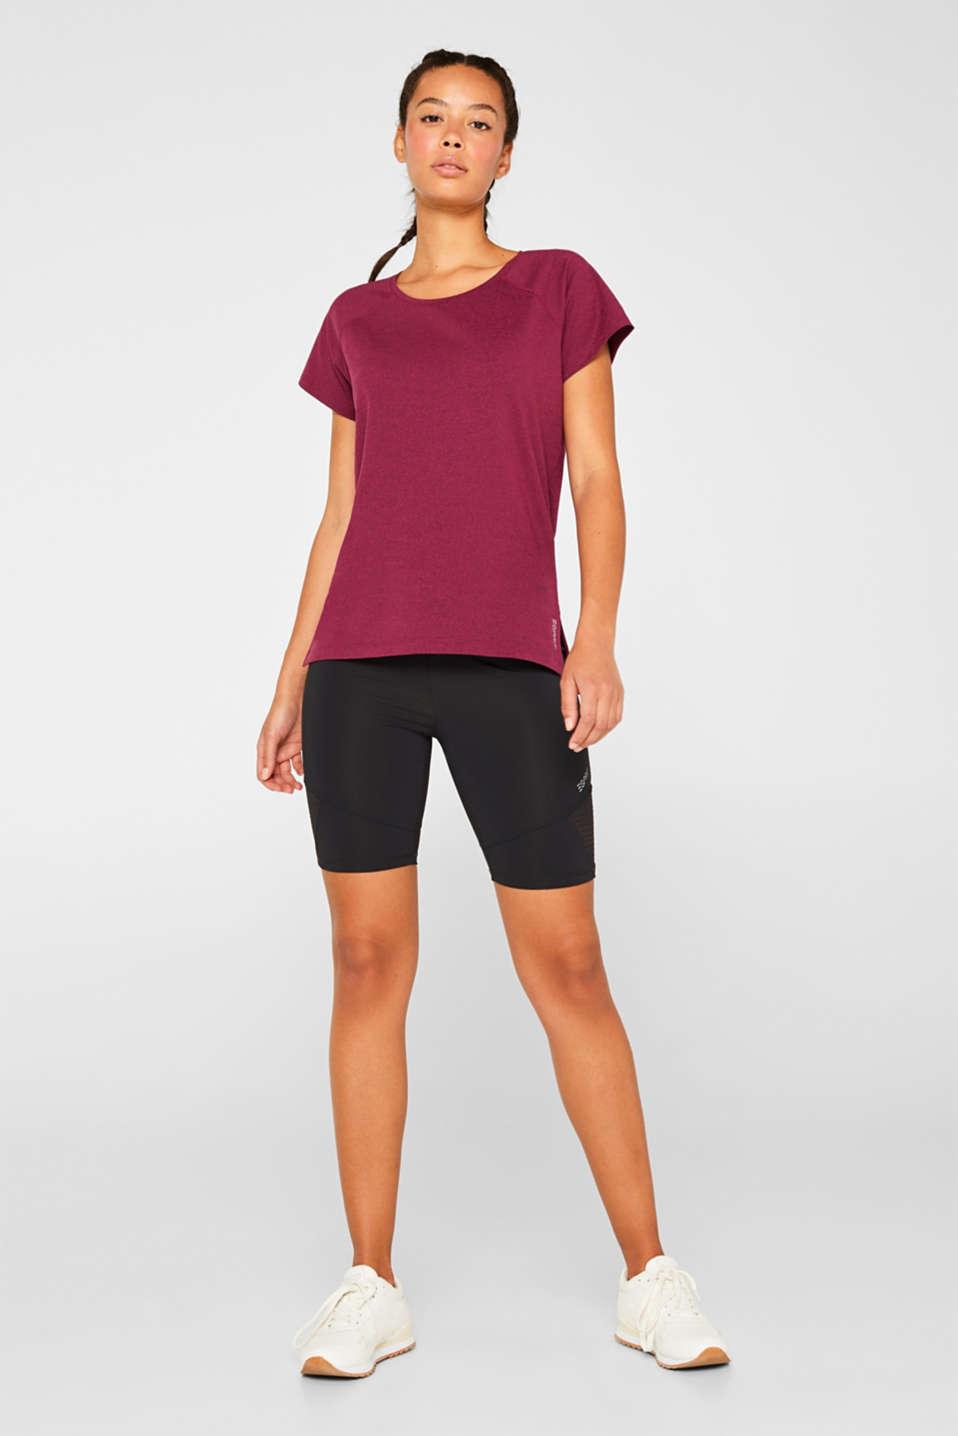 Melange active T-shirt, E-DRY, DARK PINK 2, detail image number 1